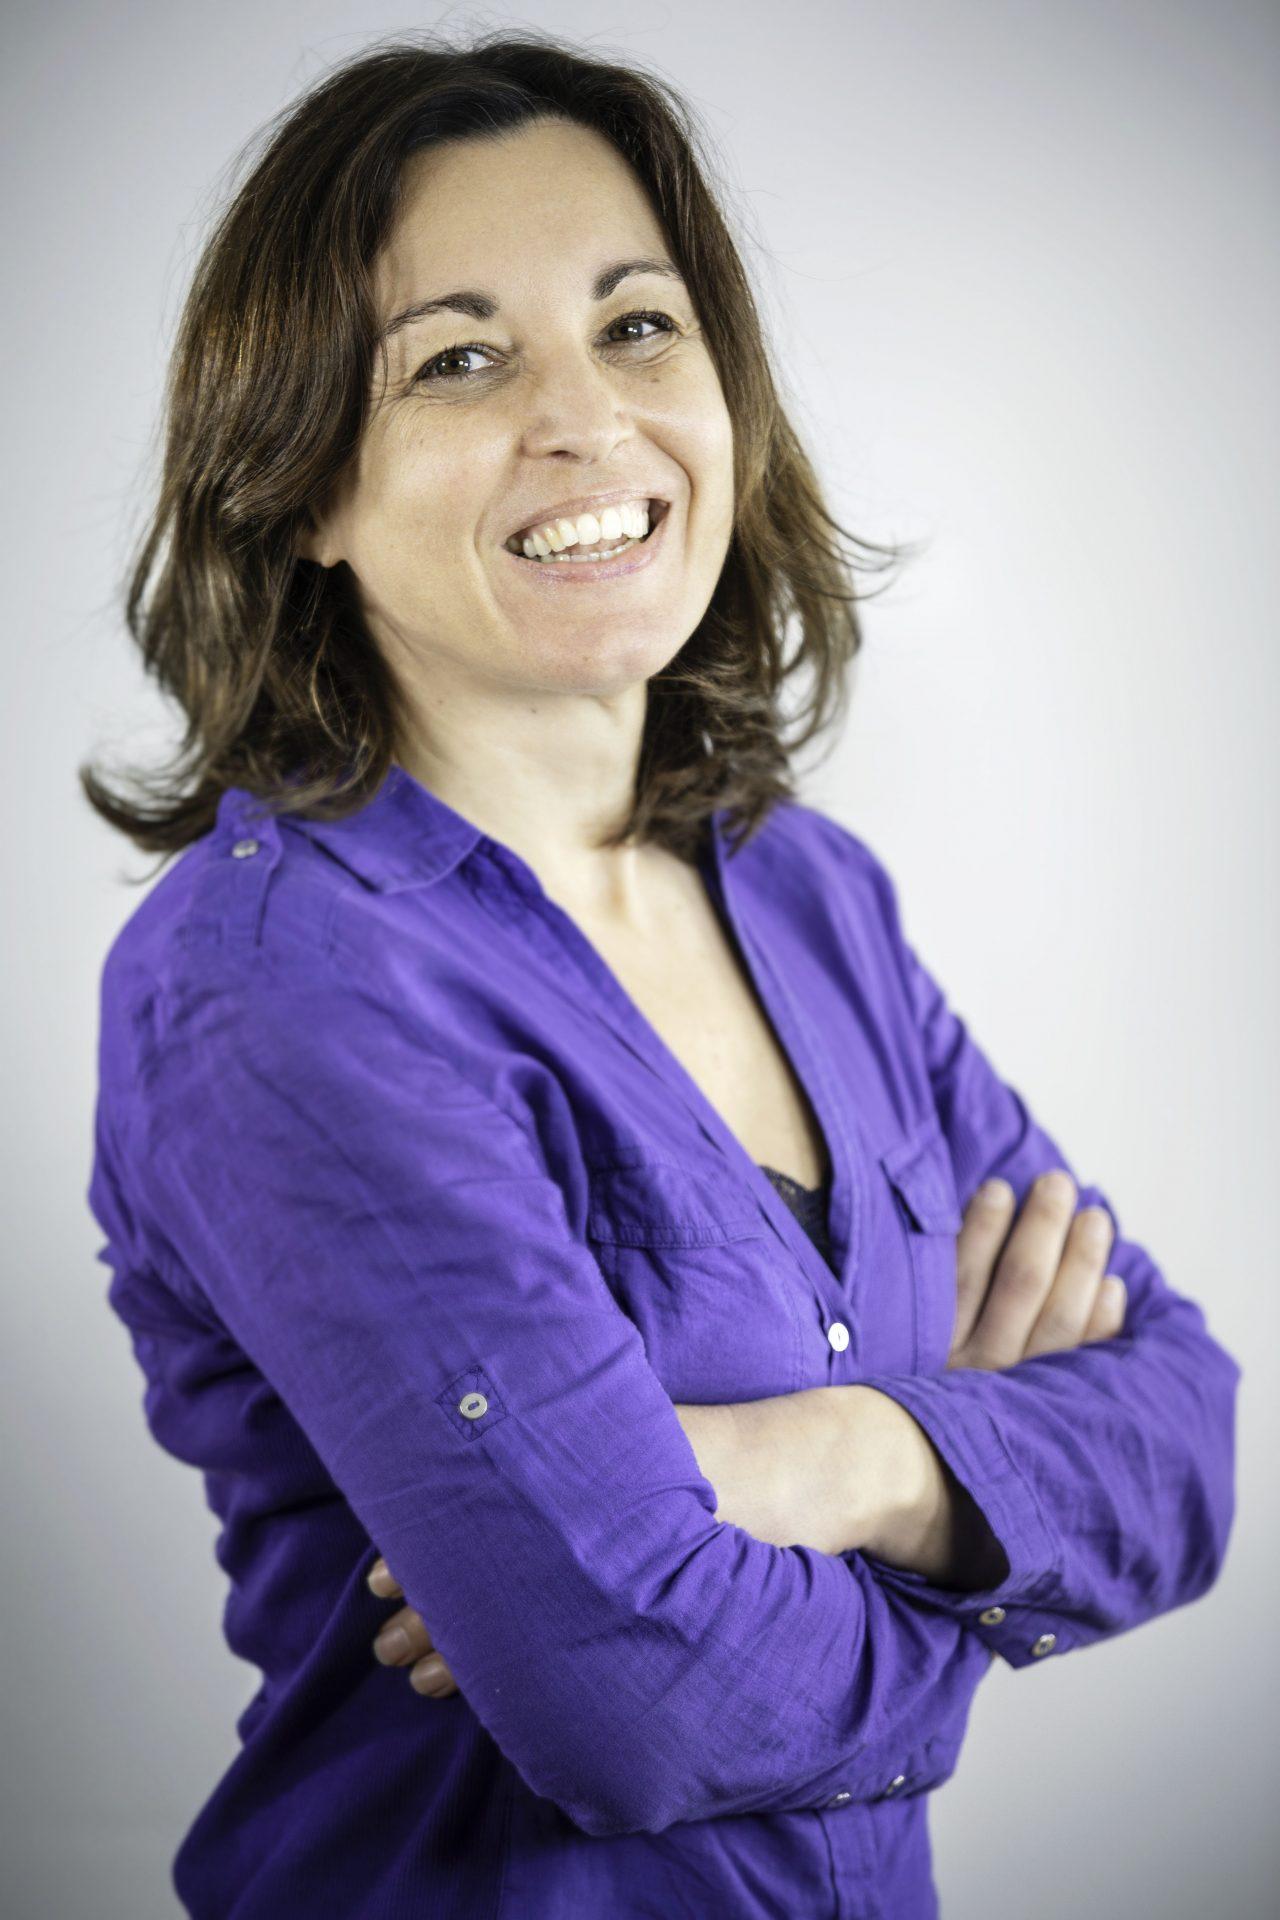 Formatrice Arche Hypnose spécialiste hypnose maternité